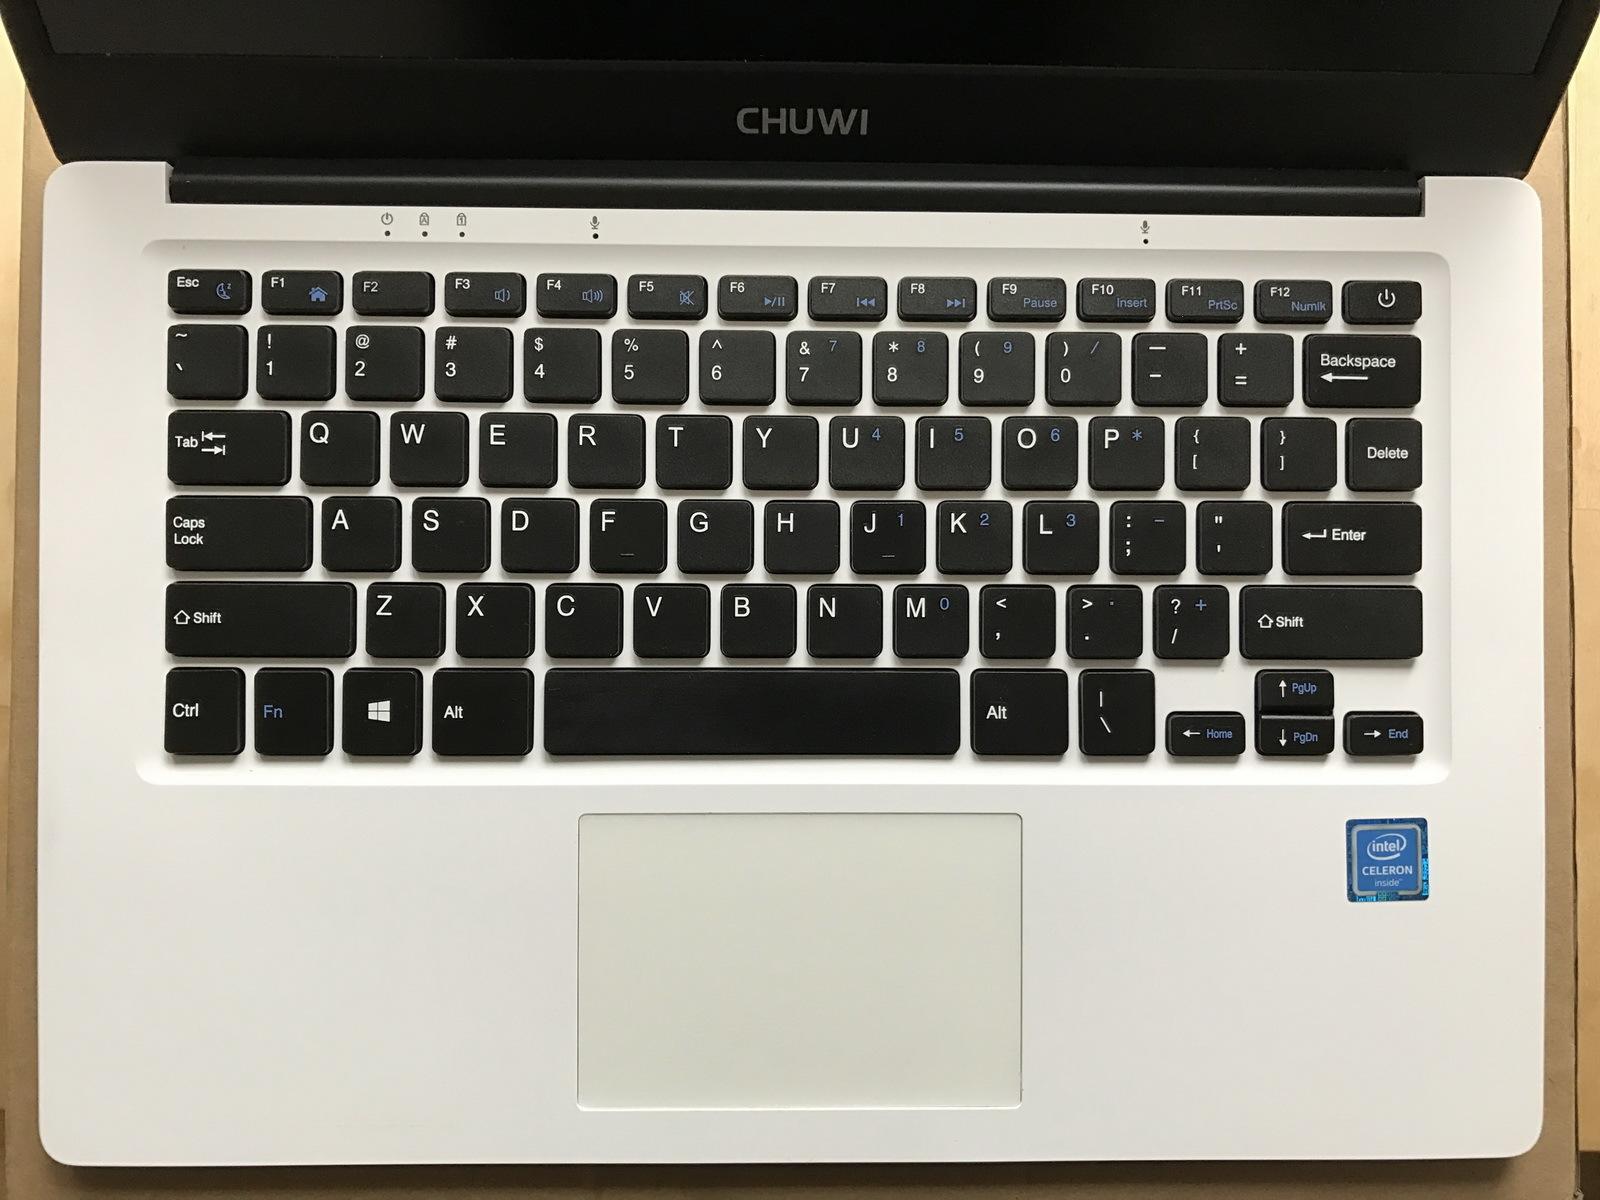 Ультрабюджетный ноутбук Chuwi LapBook 14.1: Все во имя экономии - 4